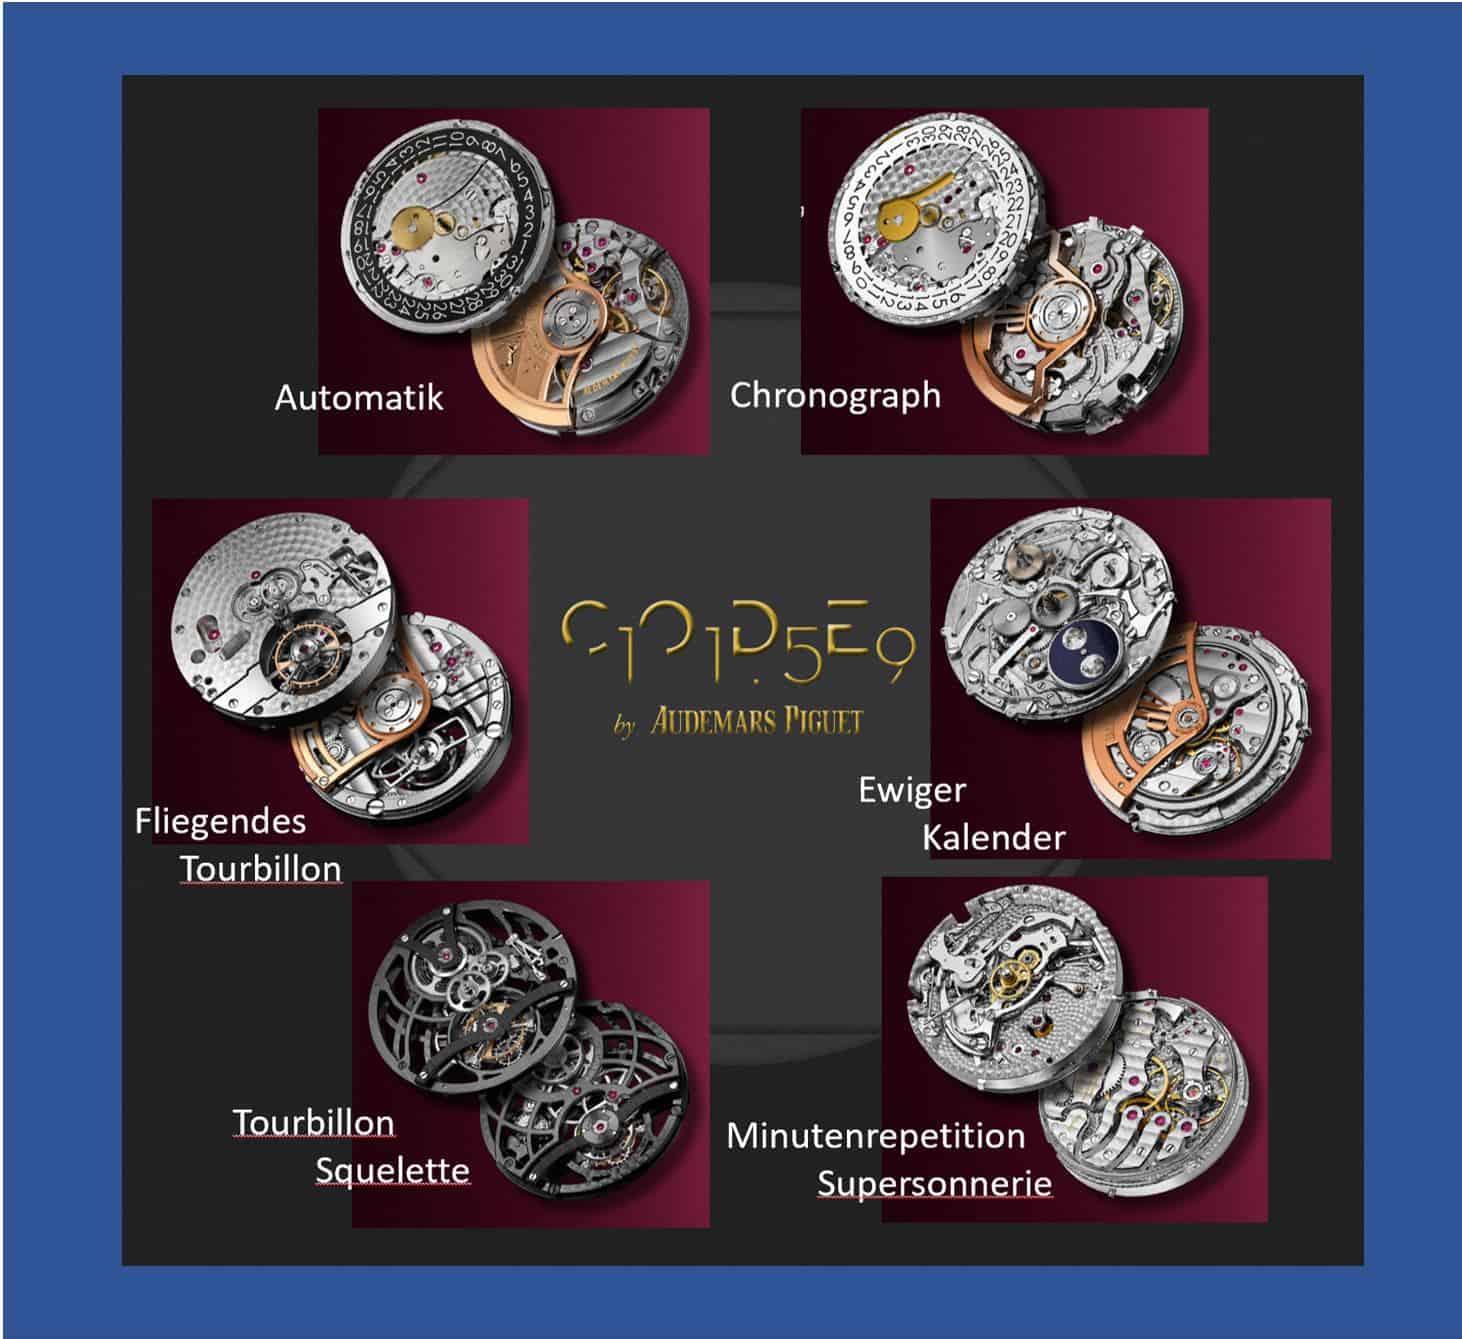 Audemars Piguet bietet in der Code 11.59 Kollektion eine breite Auswahl an ModellenDie Audemars Piguet Code 11.59 gibt es von einfach bis kompliziert